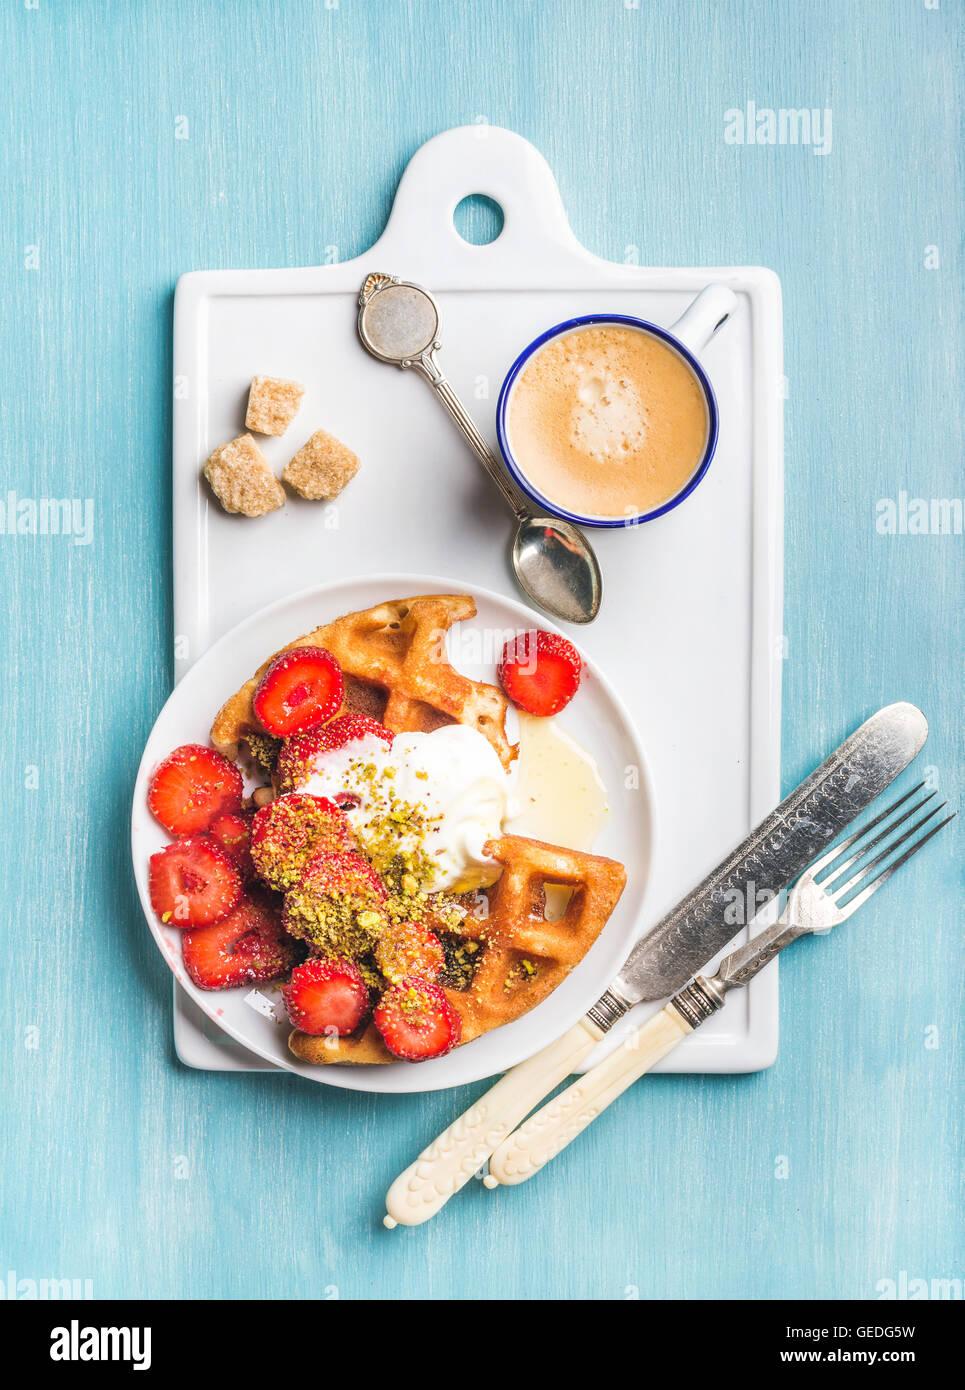 Le petit-déjeuner ensemble. Maison chaleureuse belgique gaufres à la crème fouettée, fraise, Photo Stock